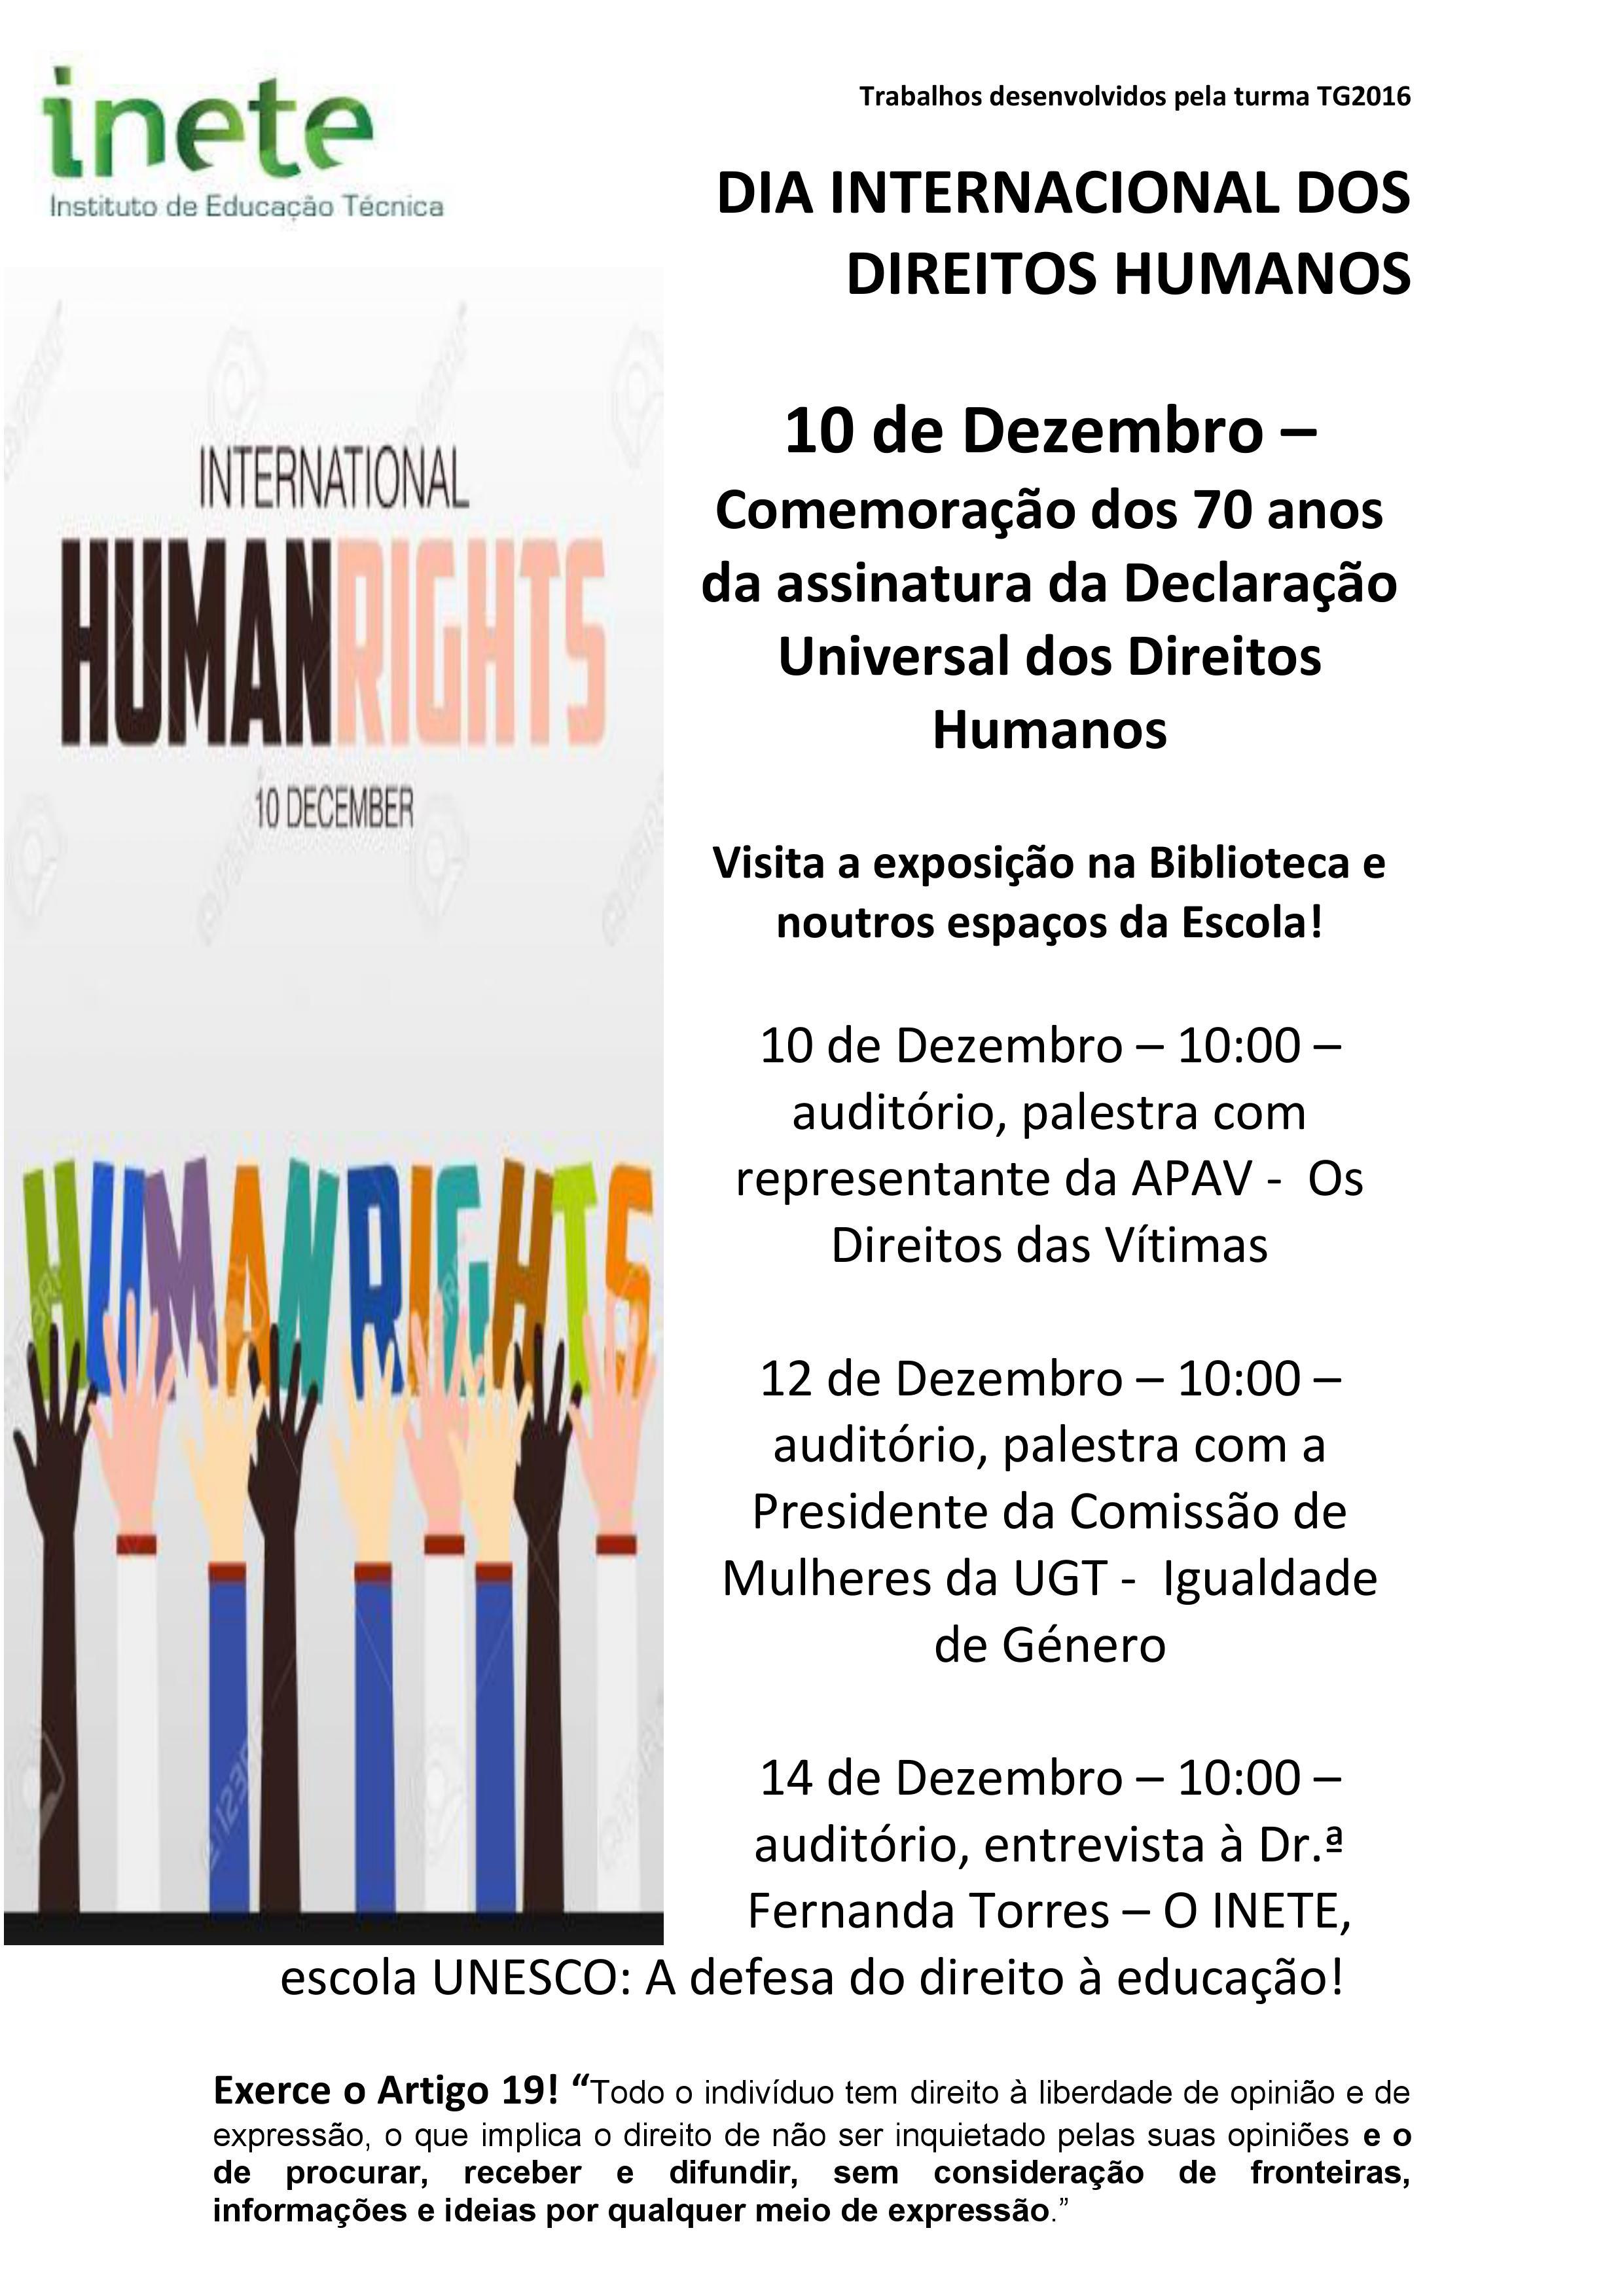 Conhecer e viver a Declaração Universal dos Direitos Humanos (DUDH)